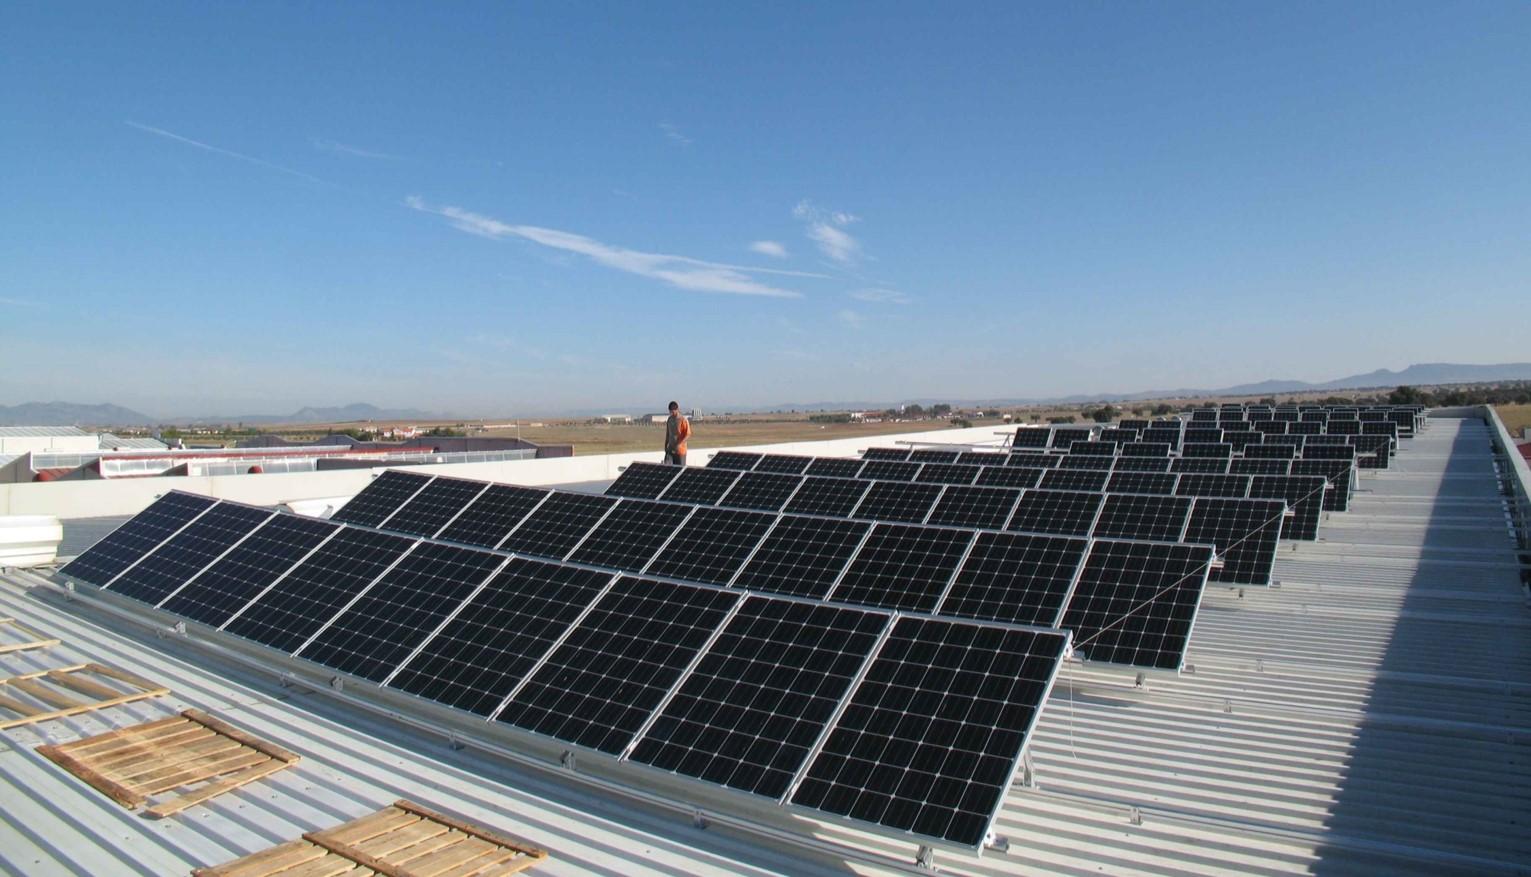 Instalación Fotovoltaica de 22,23 kWp para Industria Agroalimentaria (Córdoba)